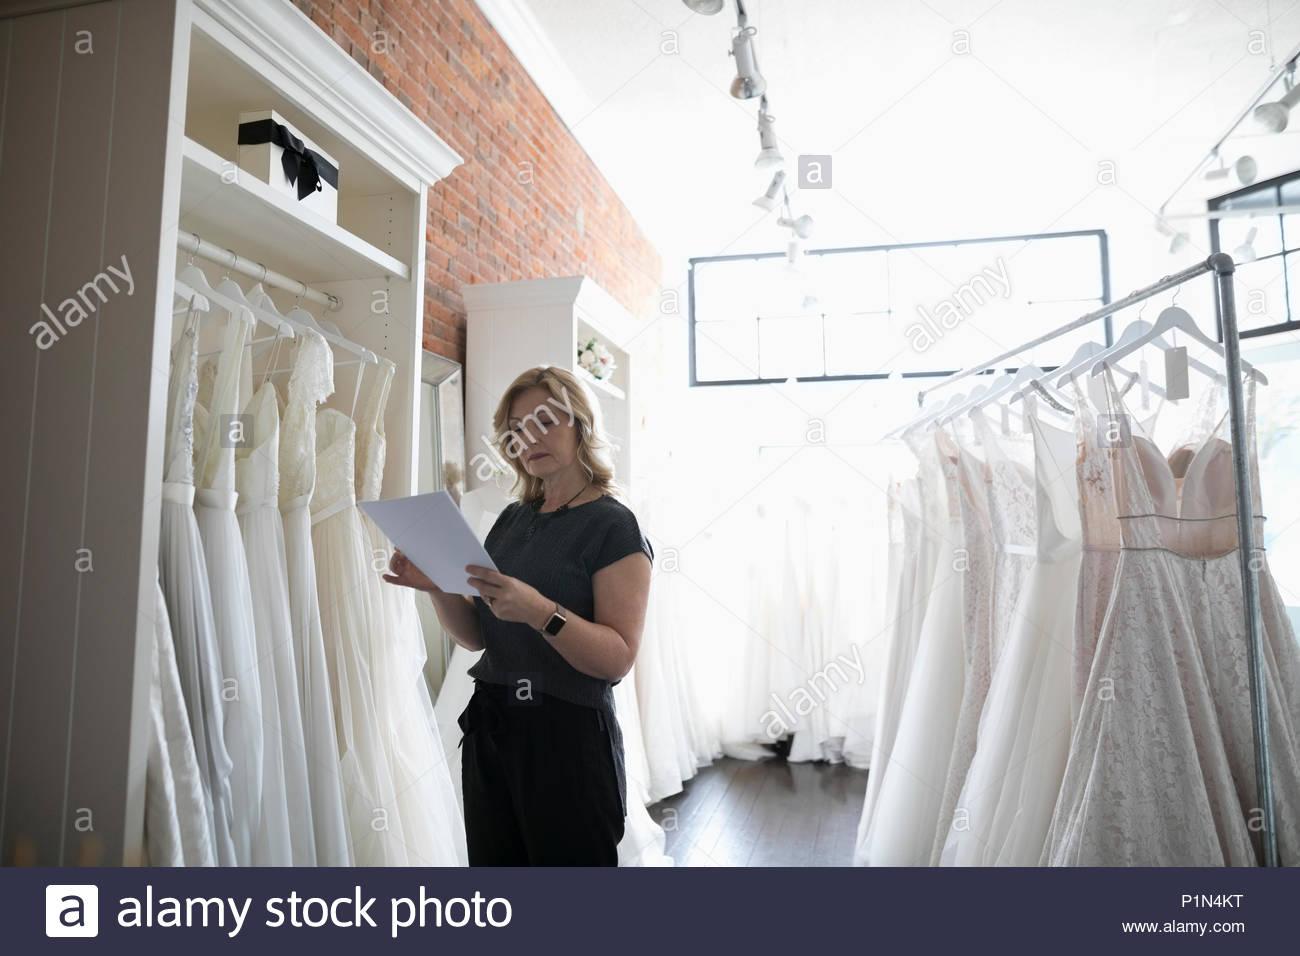 Propietario de boutique nupcial vestido de boda control de inventario Imagen De Stock